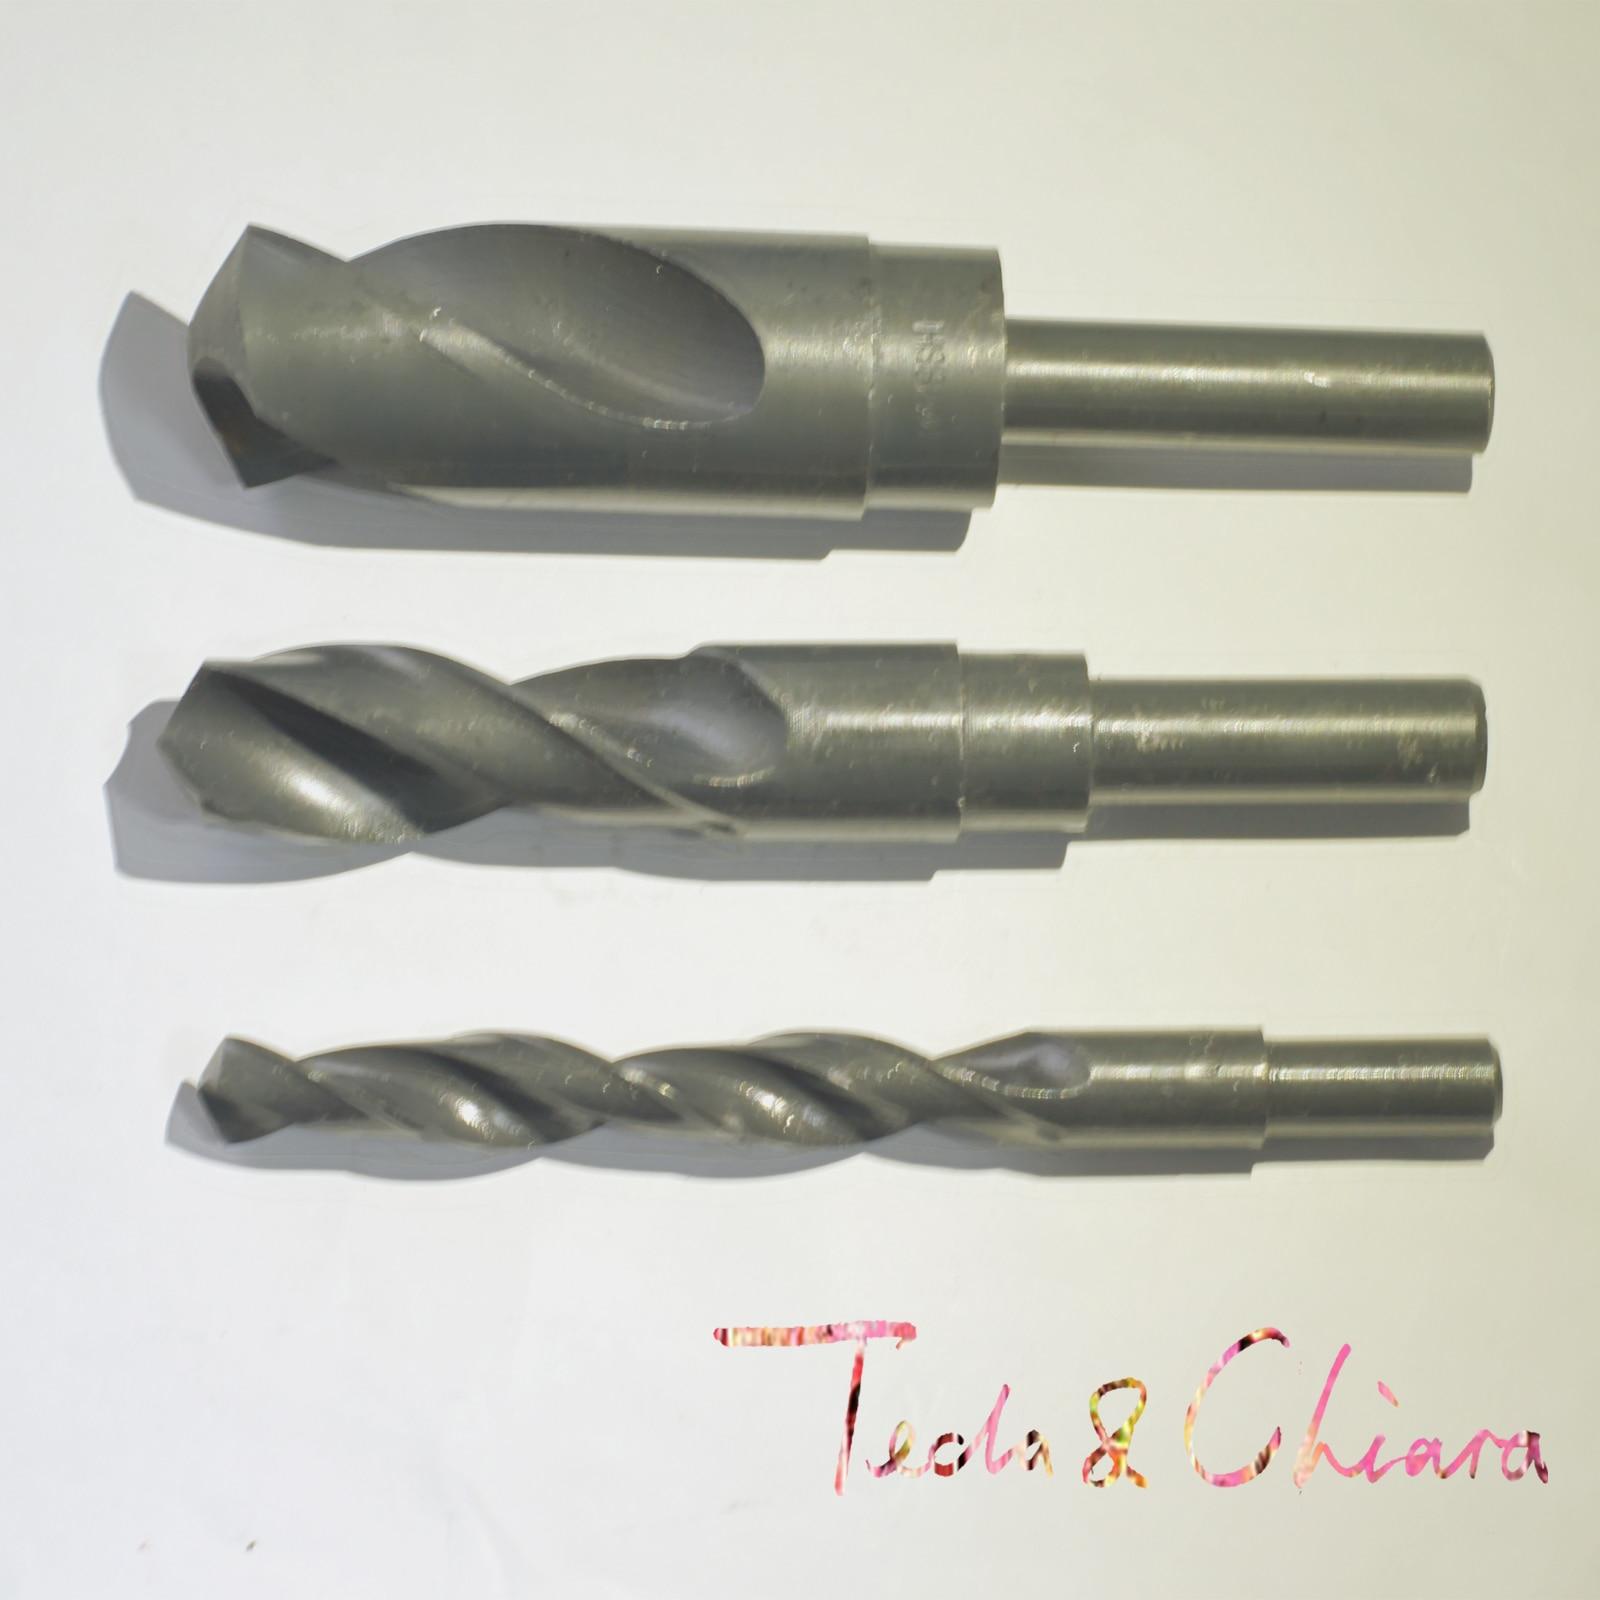 23.5mm 24mm 24.5mm 25mm HSS Reduced Straight Crank Twist Drill Bit Shank Dia 12.7mm 1/2 inch 23.5 24 24.5 25 2pcs 1 16 6 16 6mm 16 6 hss reduced shank twist drill bit shank diameter 1 2 inch